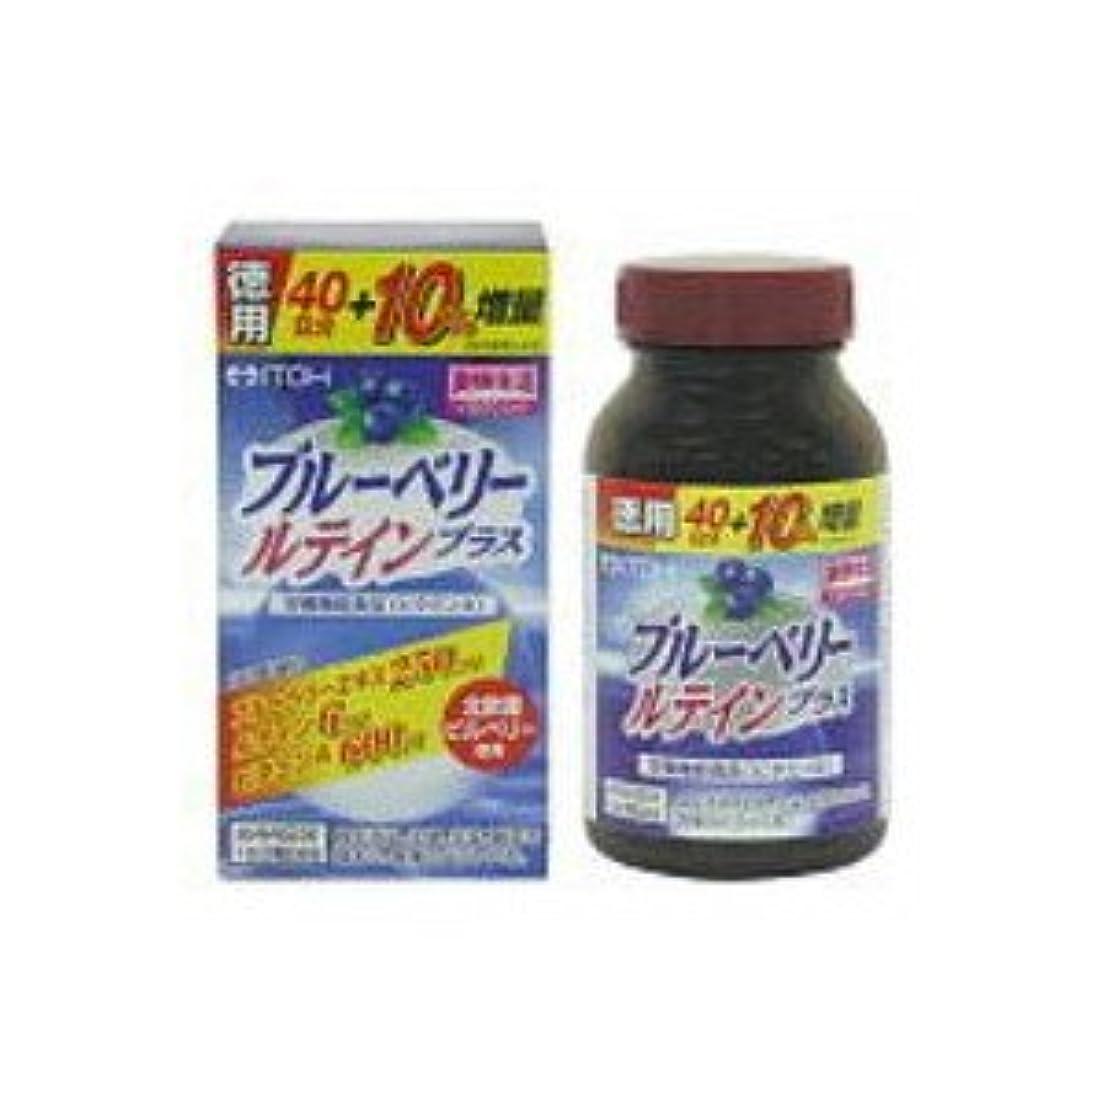 報いる疑問を超えてベジタリアン井藤漢方製薬 ブルーベリールテインプラス徳用132粒×10個